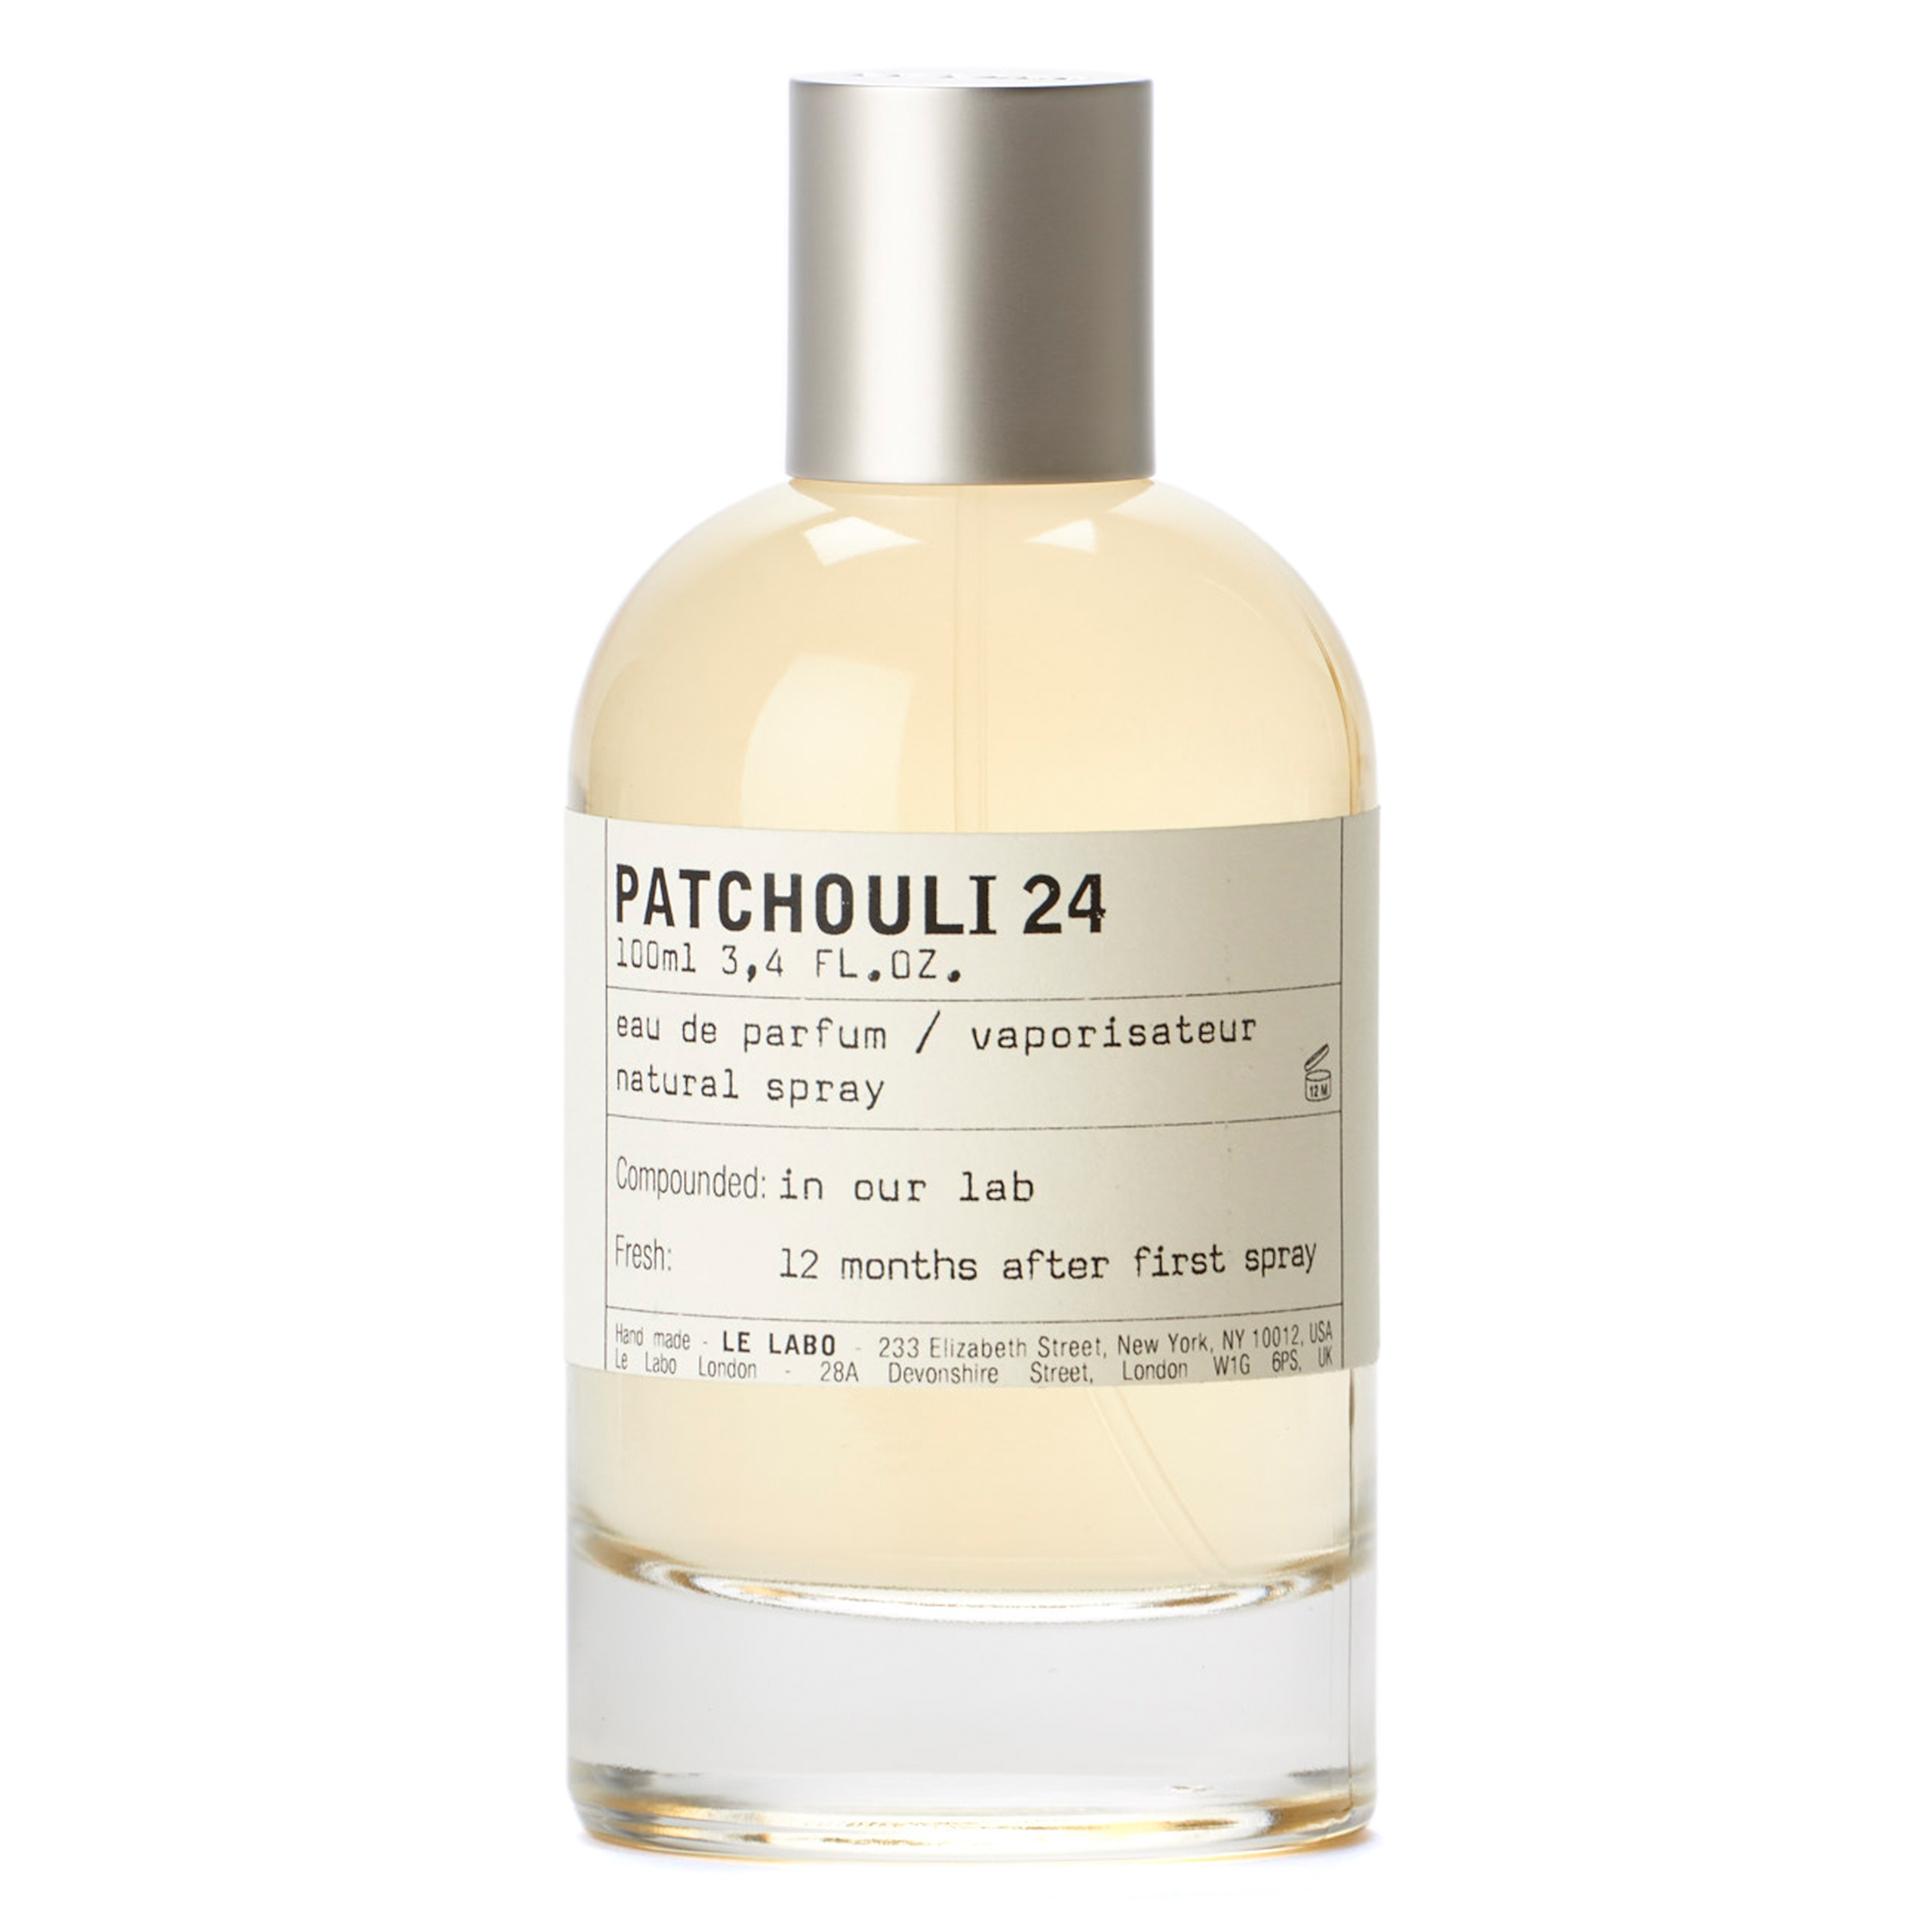 Patchouli 24Edp